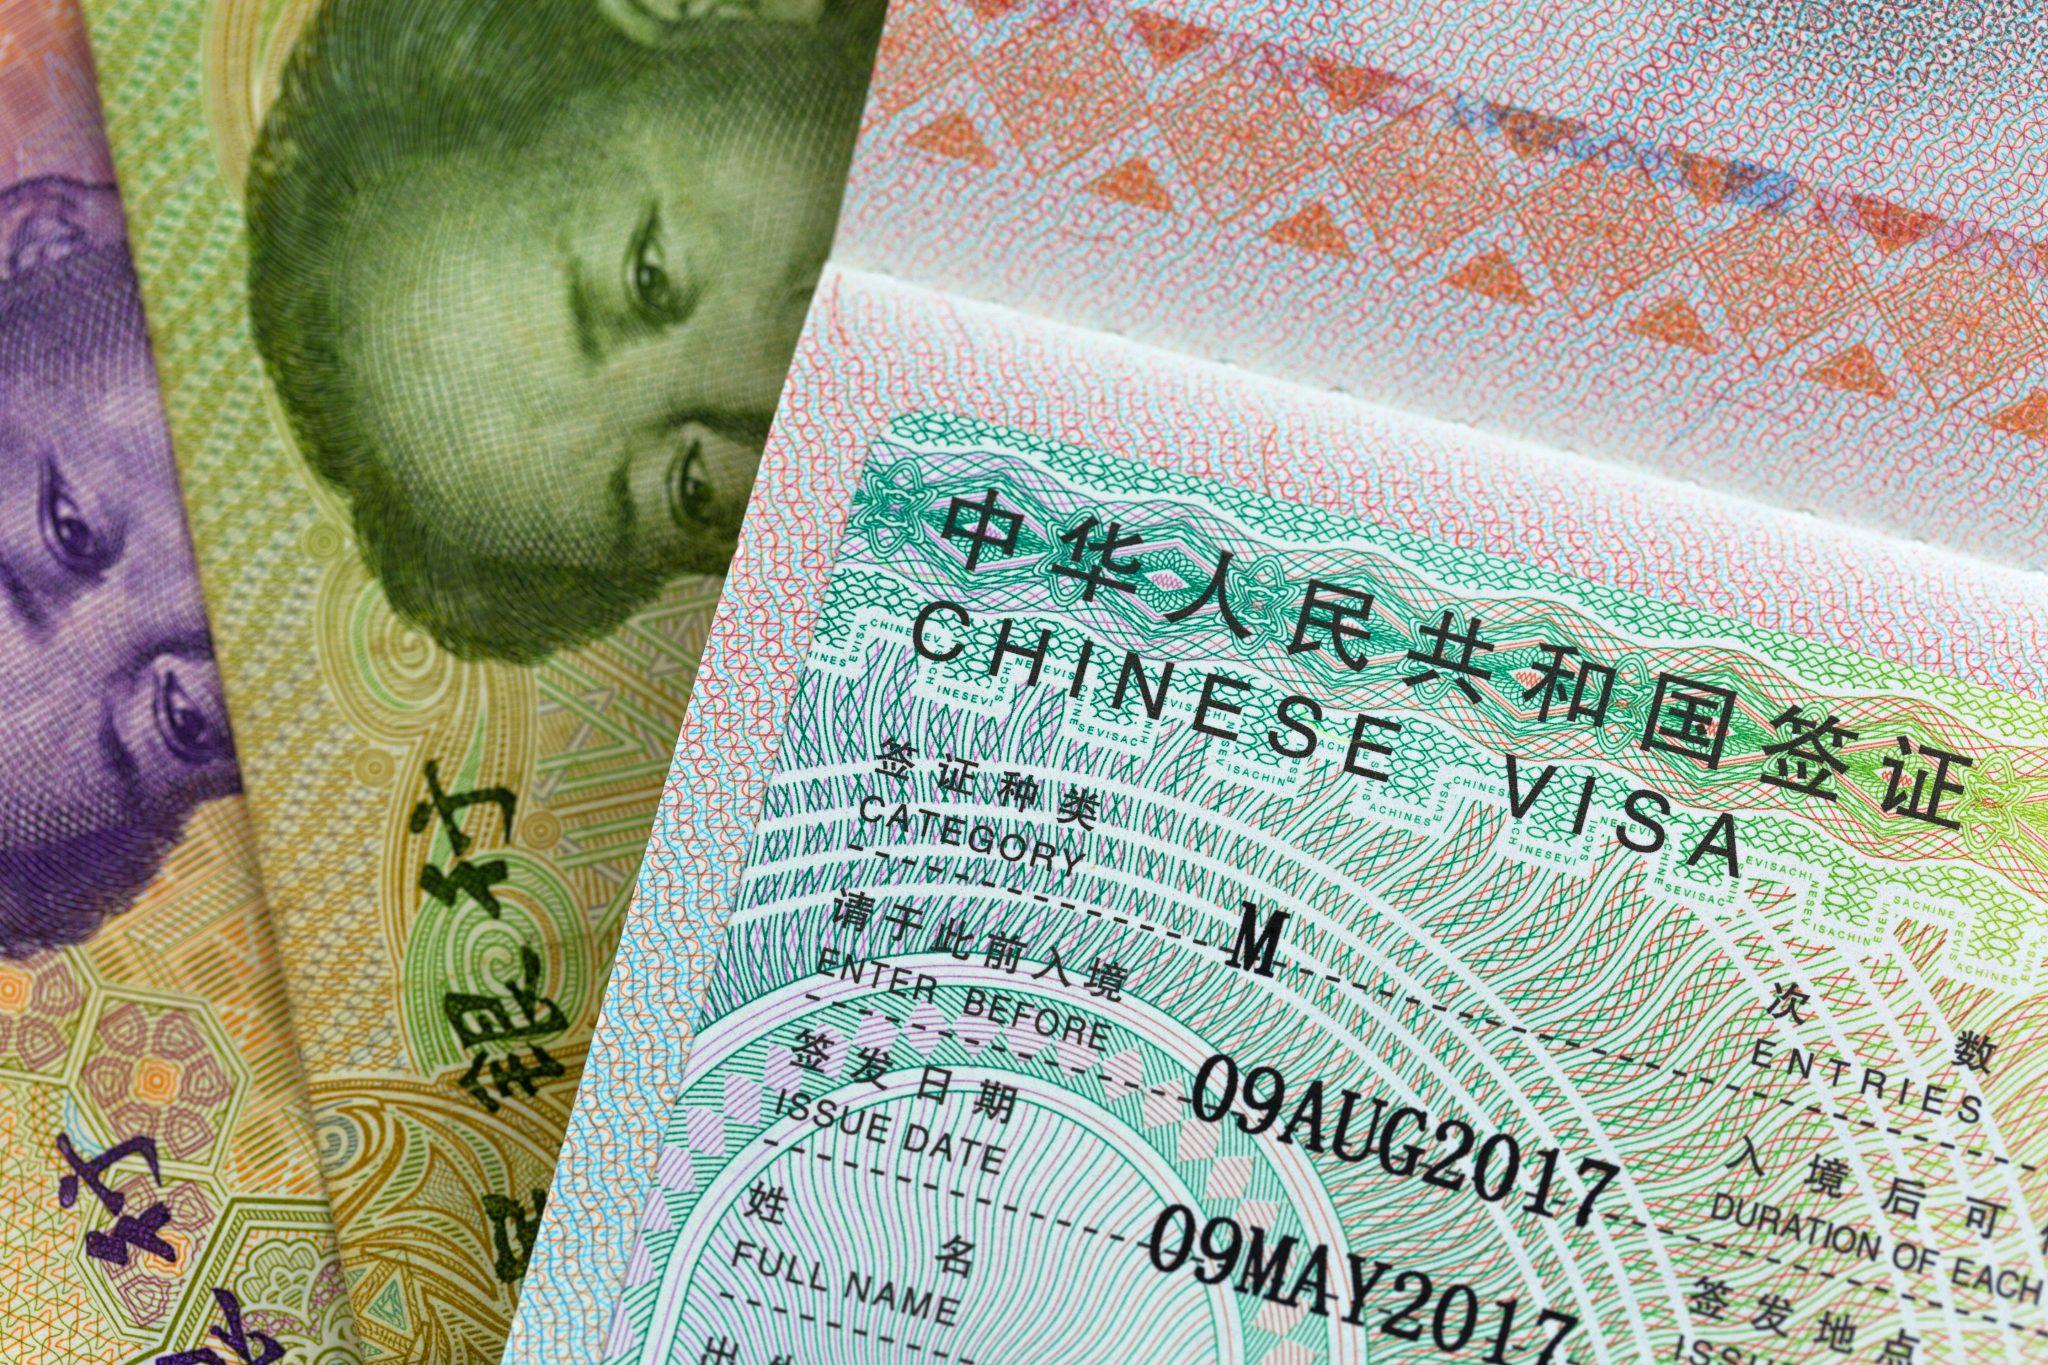 shutterstock 659750008 - China Tourist Visa